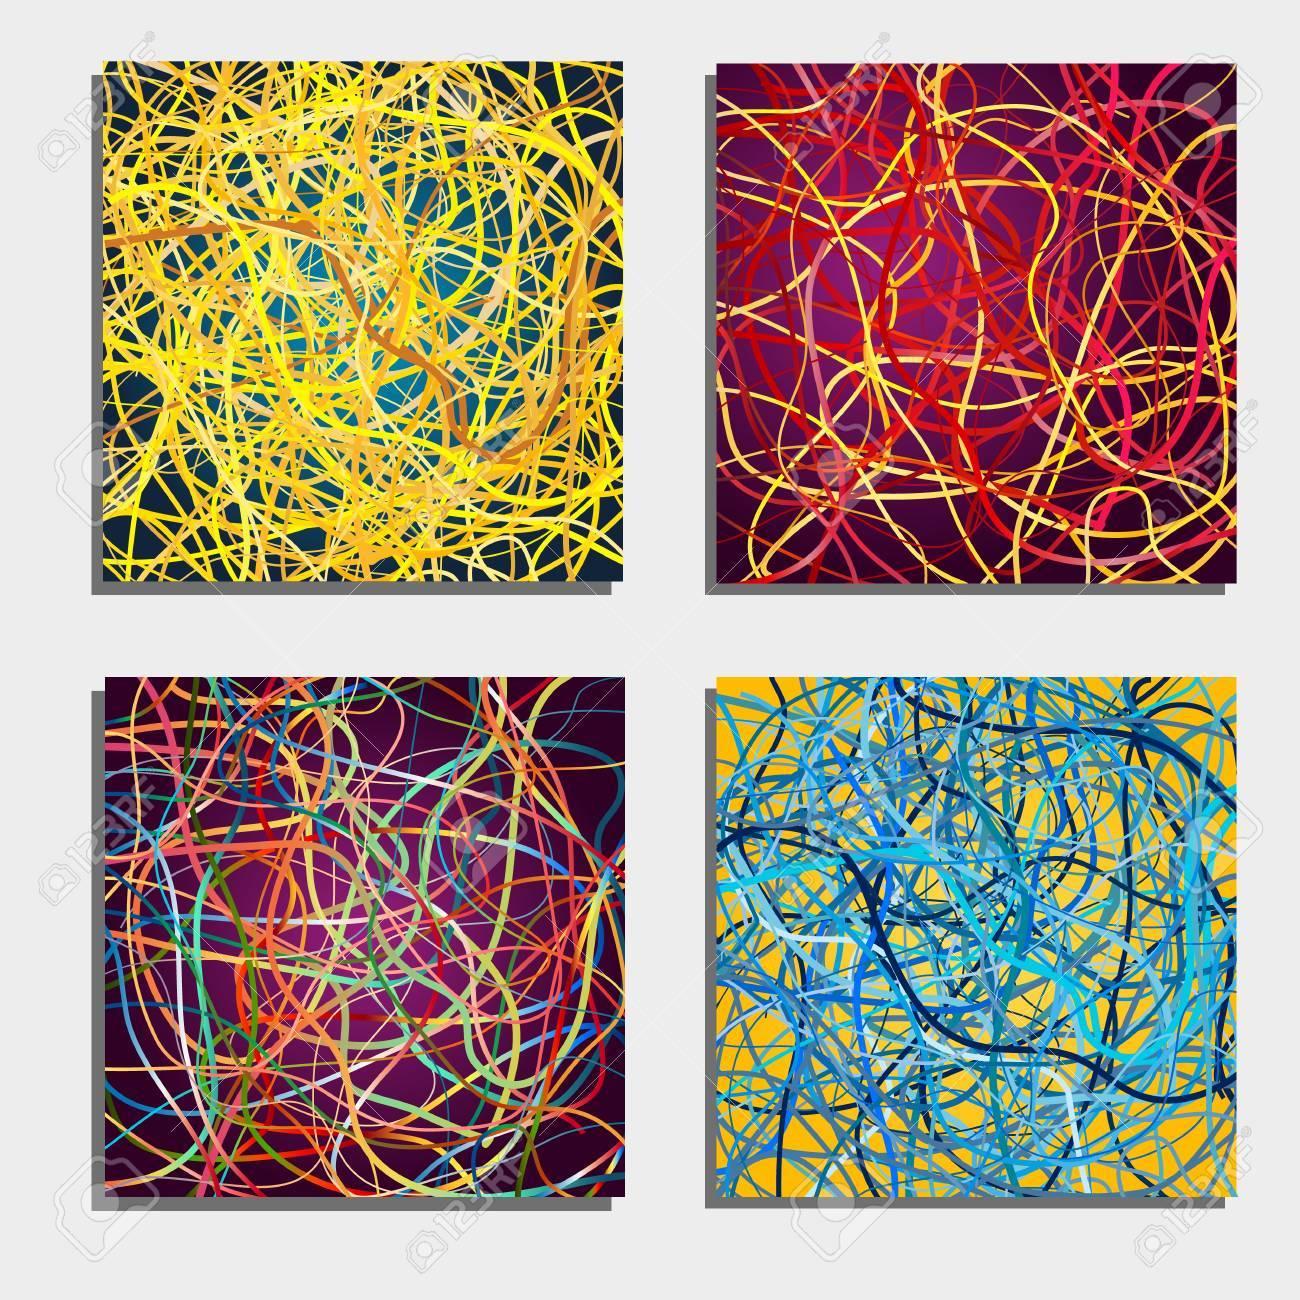 Fondos abstractos con movimiento